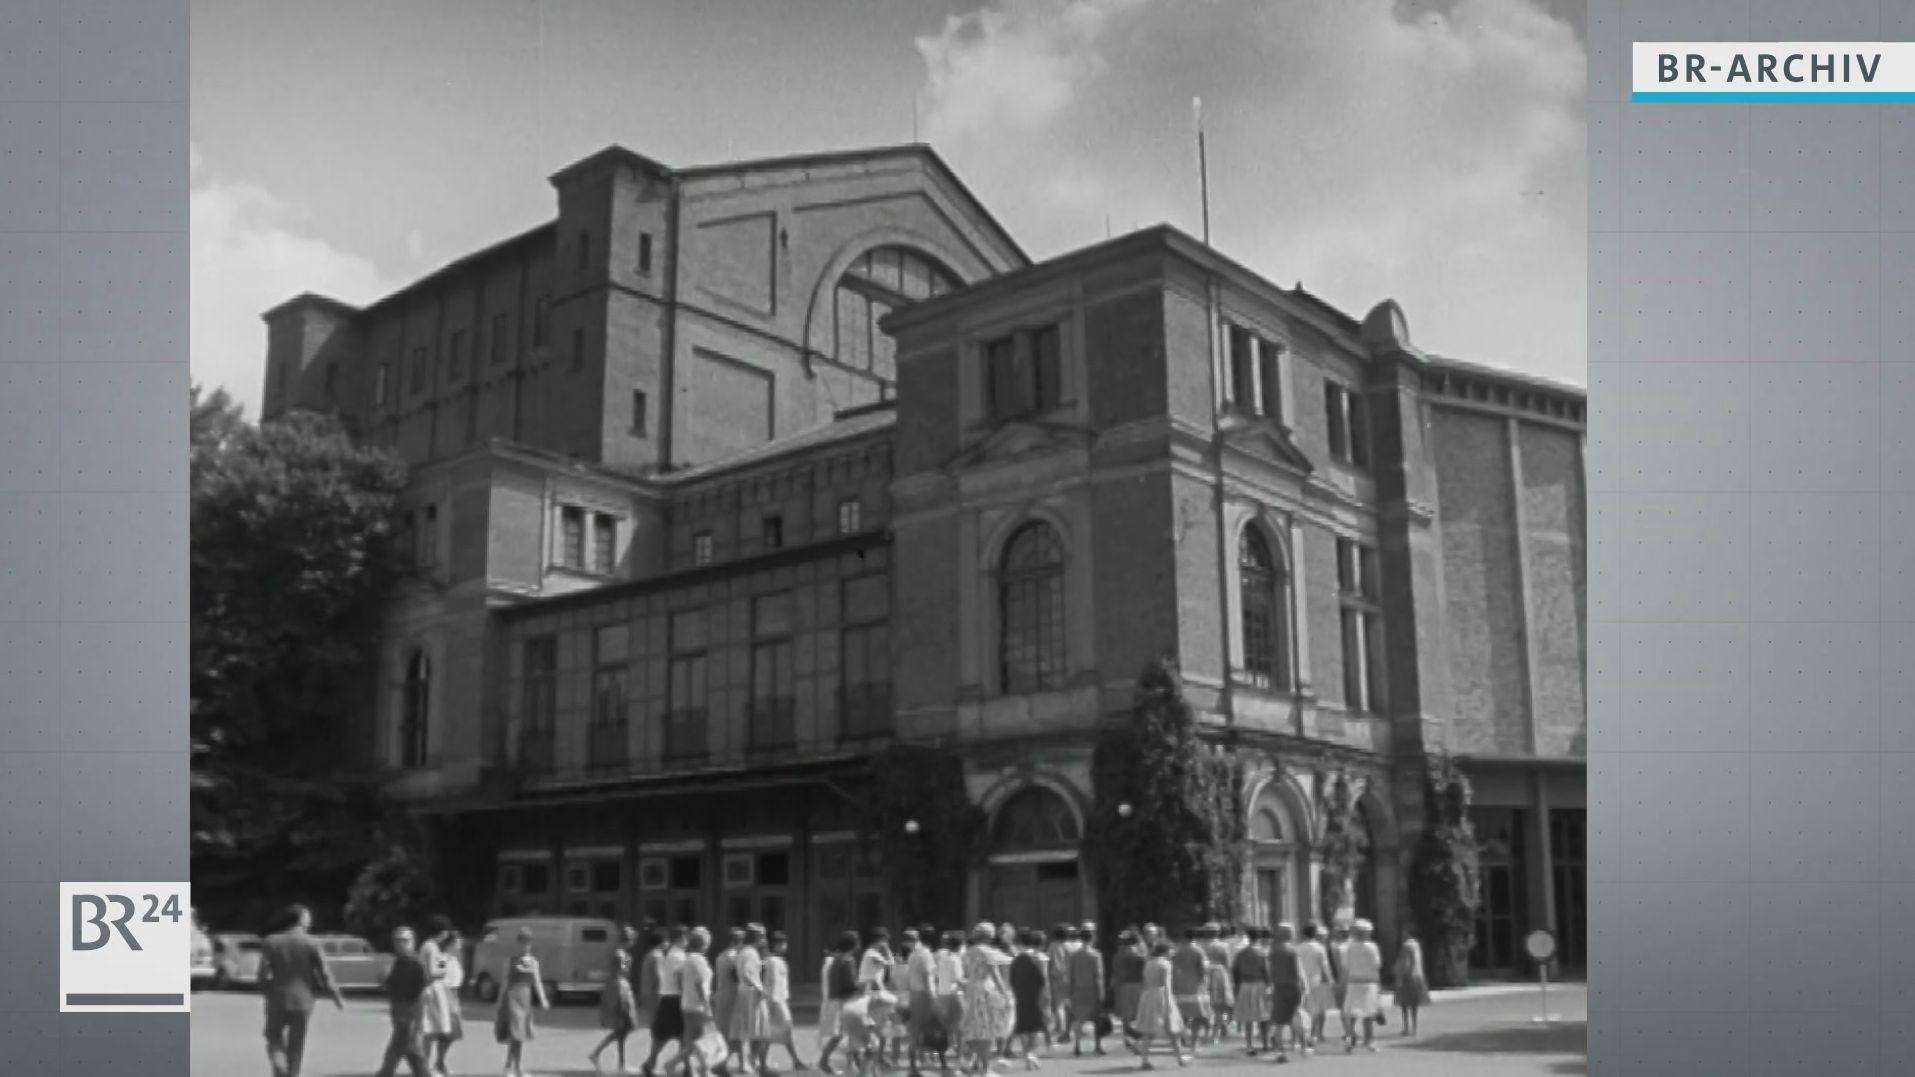 Bayreuther Festspielhaus von außen